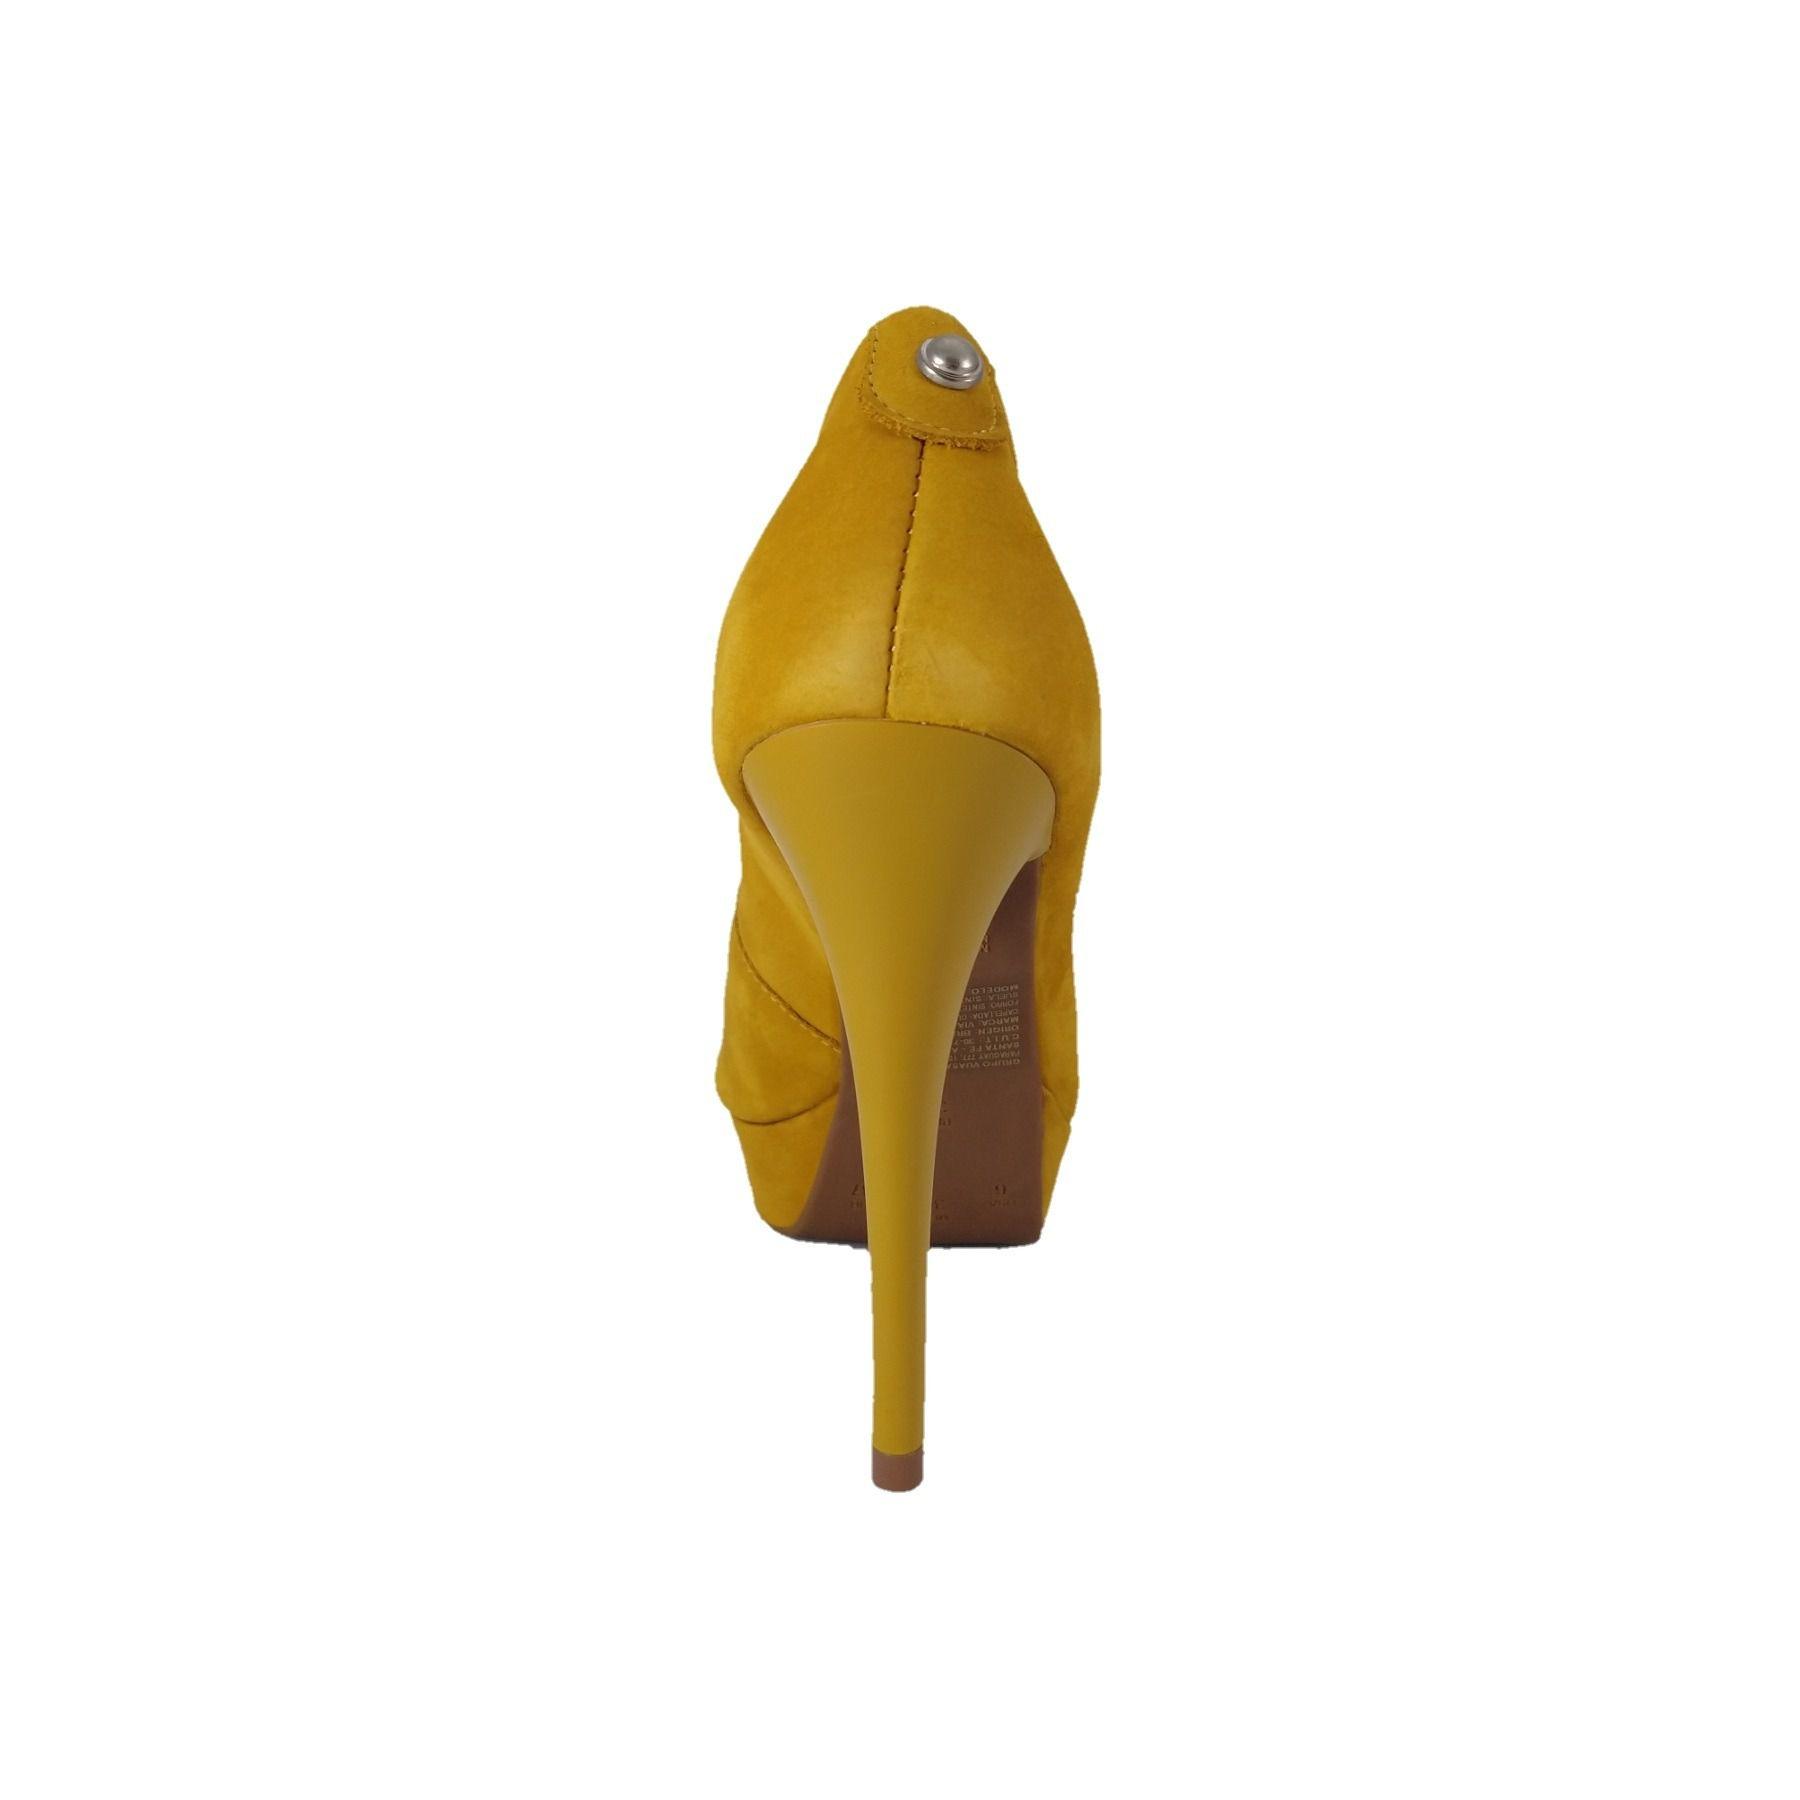 Peep Toe SapatoWeb Couro Amarelo  - SAPATOWEB.COM